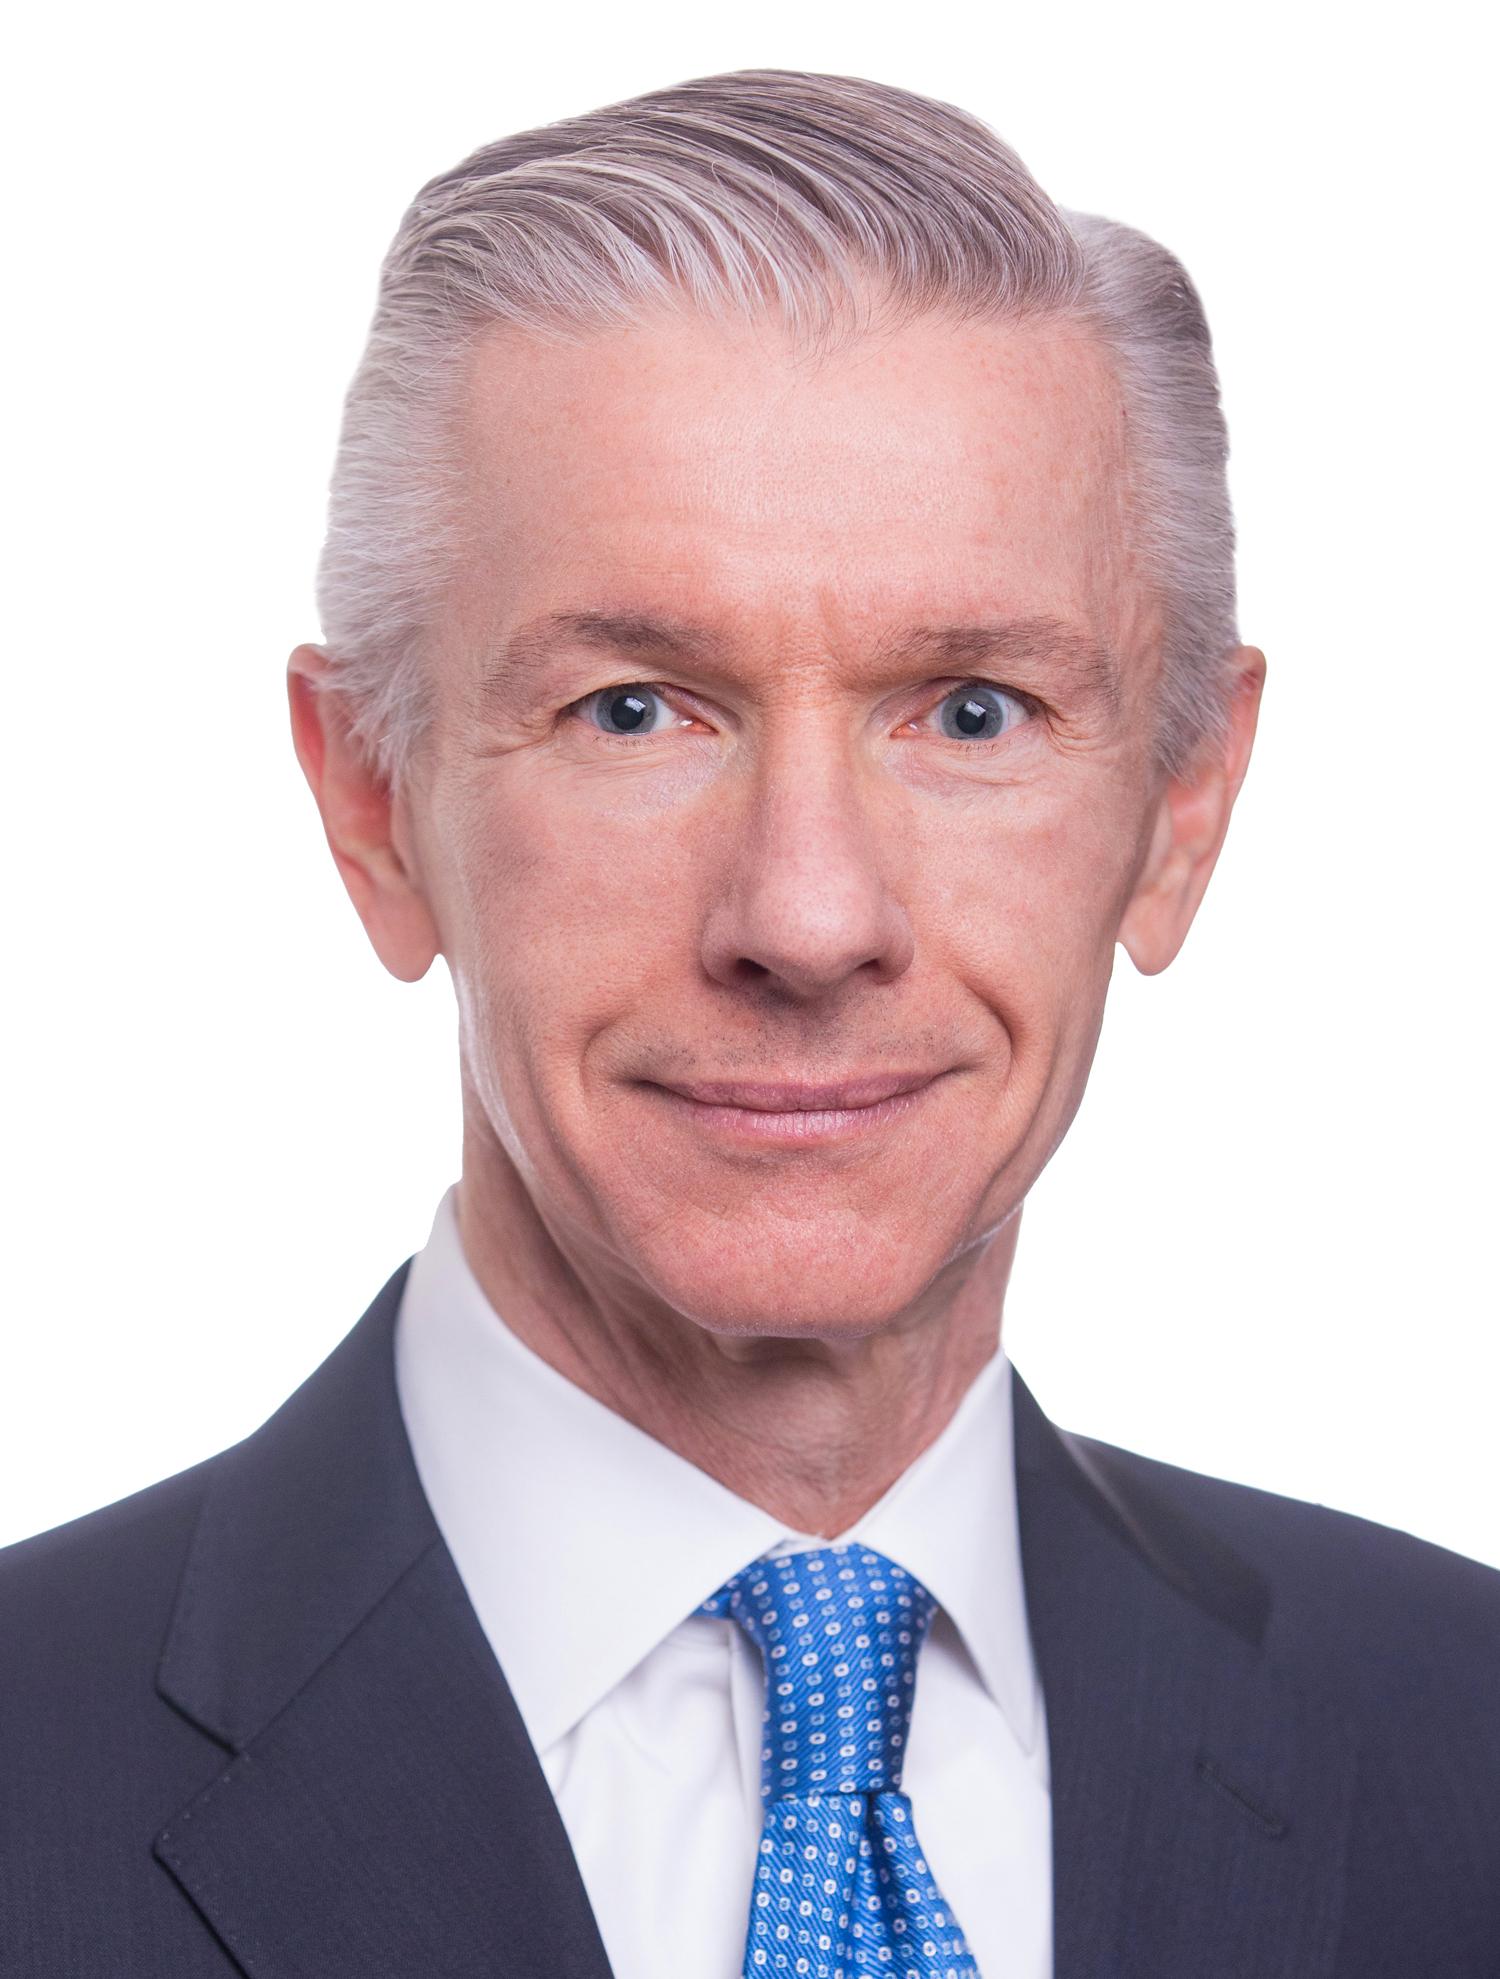 2019-Q4-Global-JPG-1500x1979-Dave Rowe Headshot